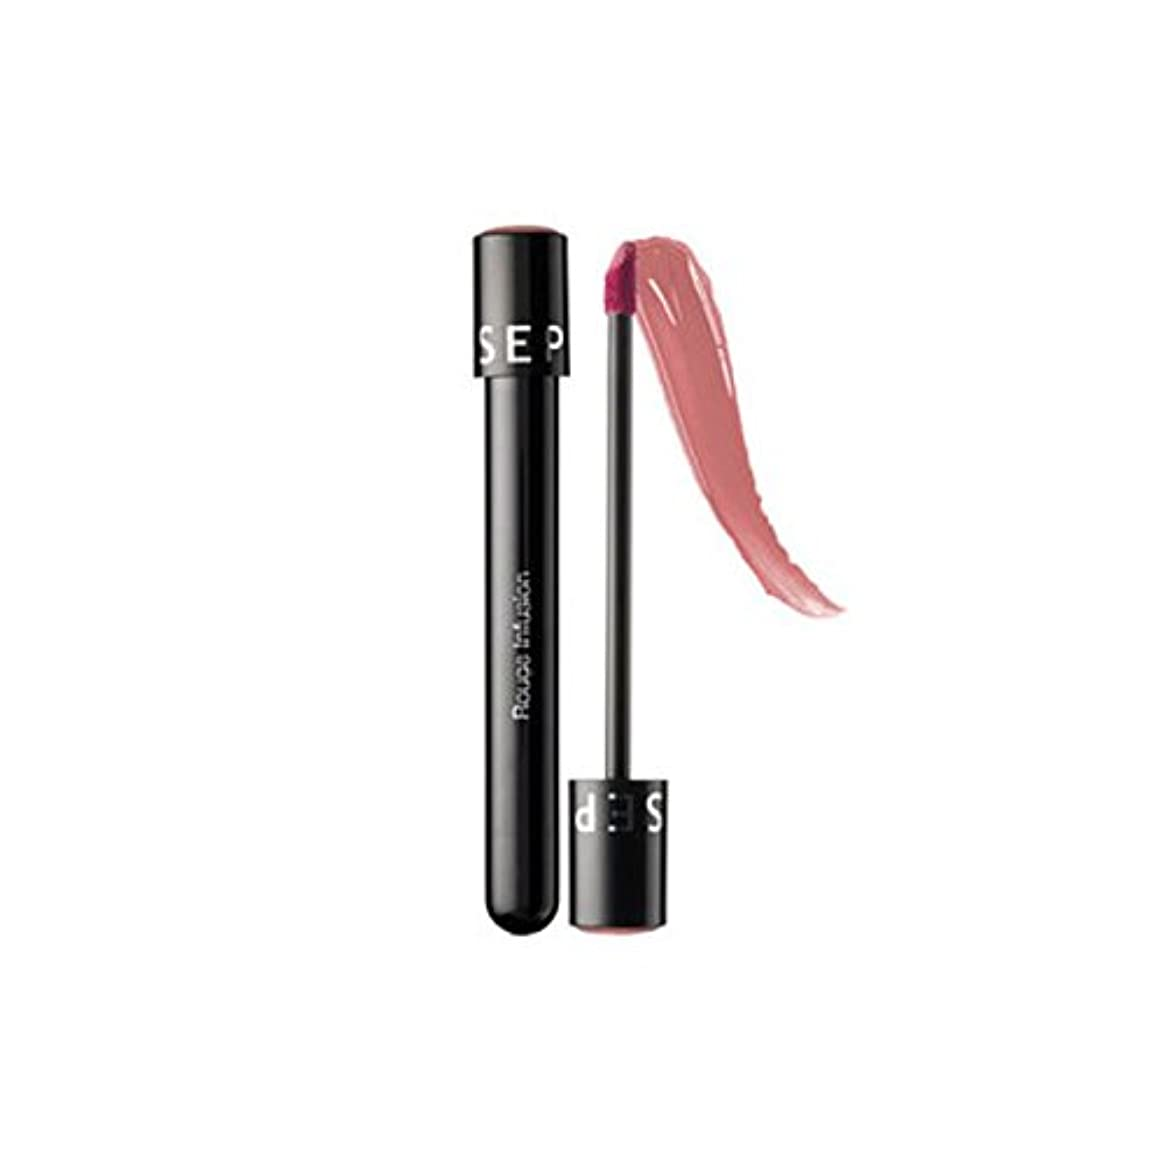 首尾一貫したマートオーチャードSEPHORA COLLECTION ルージュリップステイン輸液- Rosebud, Rouge Infusion Lip Stain, 0.152 oz / 4.3g [並行輸入品] [海外直送品]